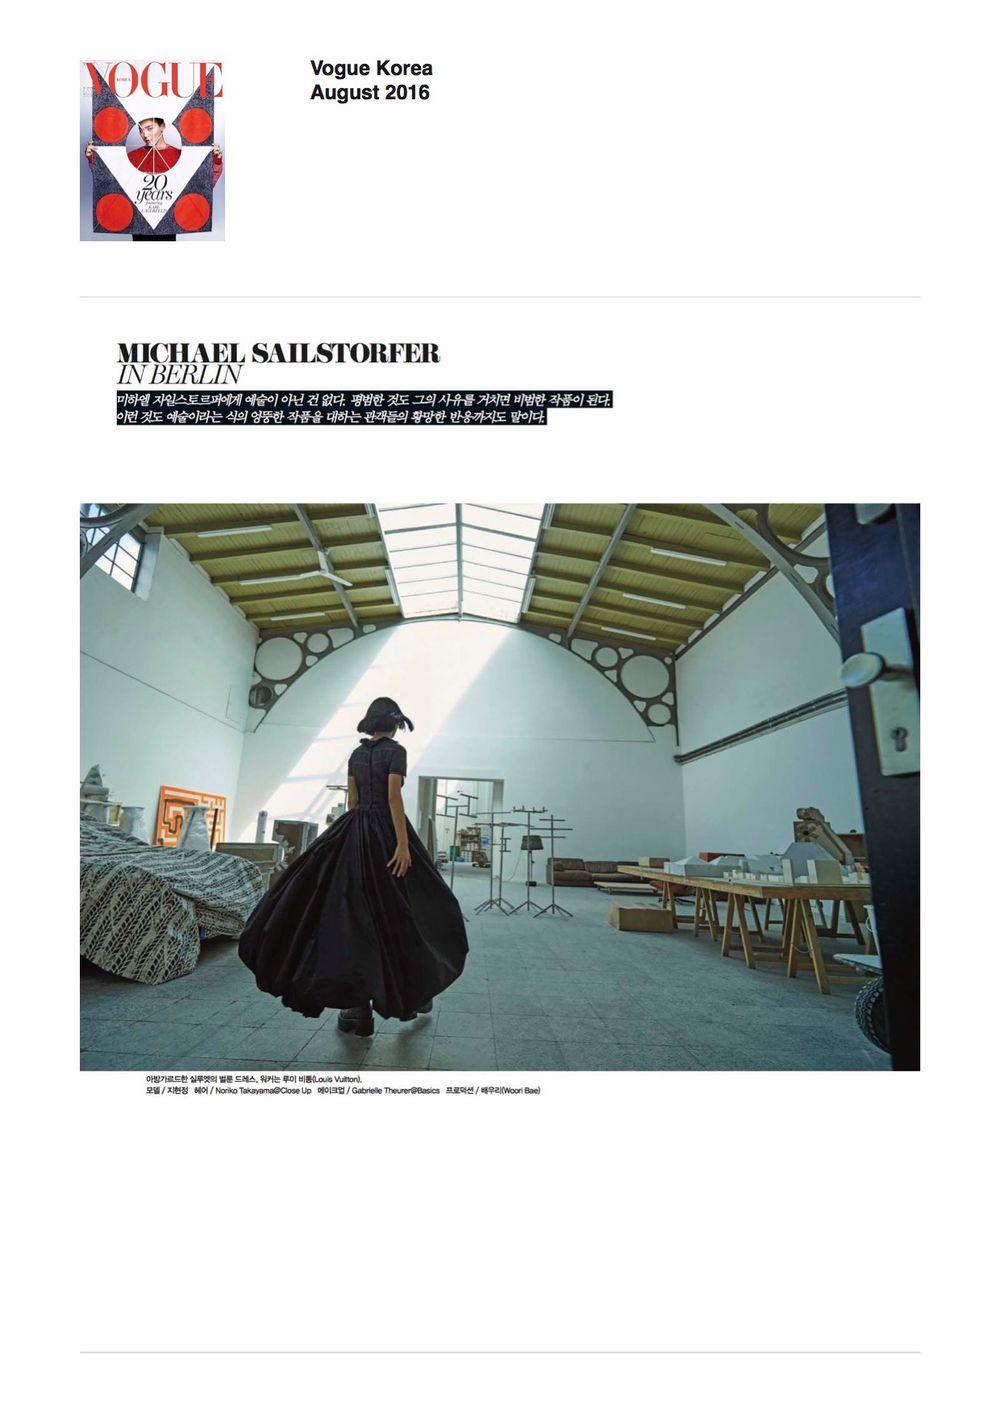 Vogue | Michael SAILSTORFER